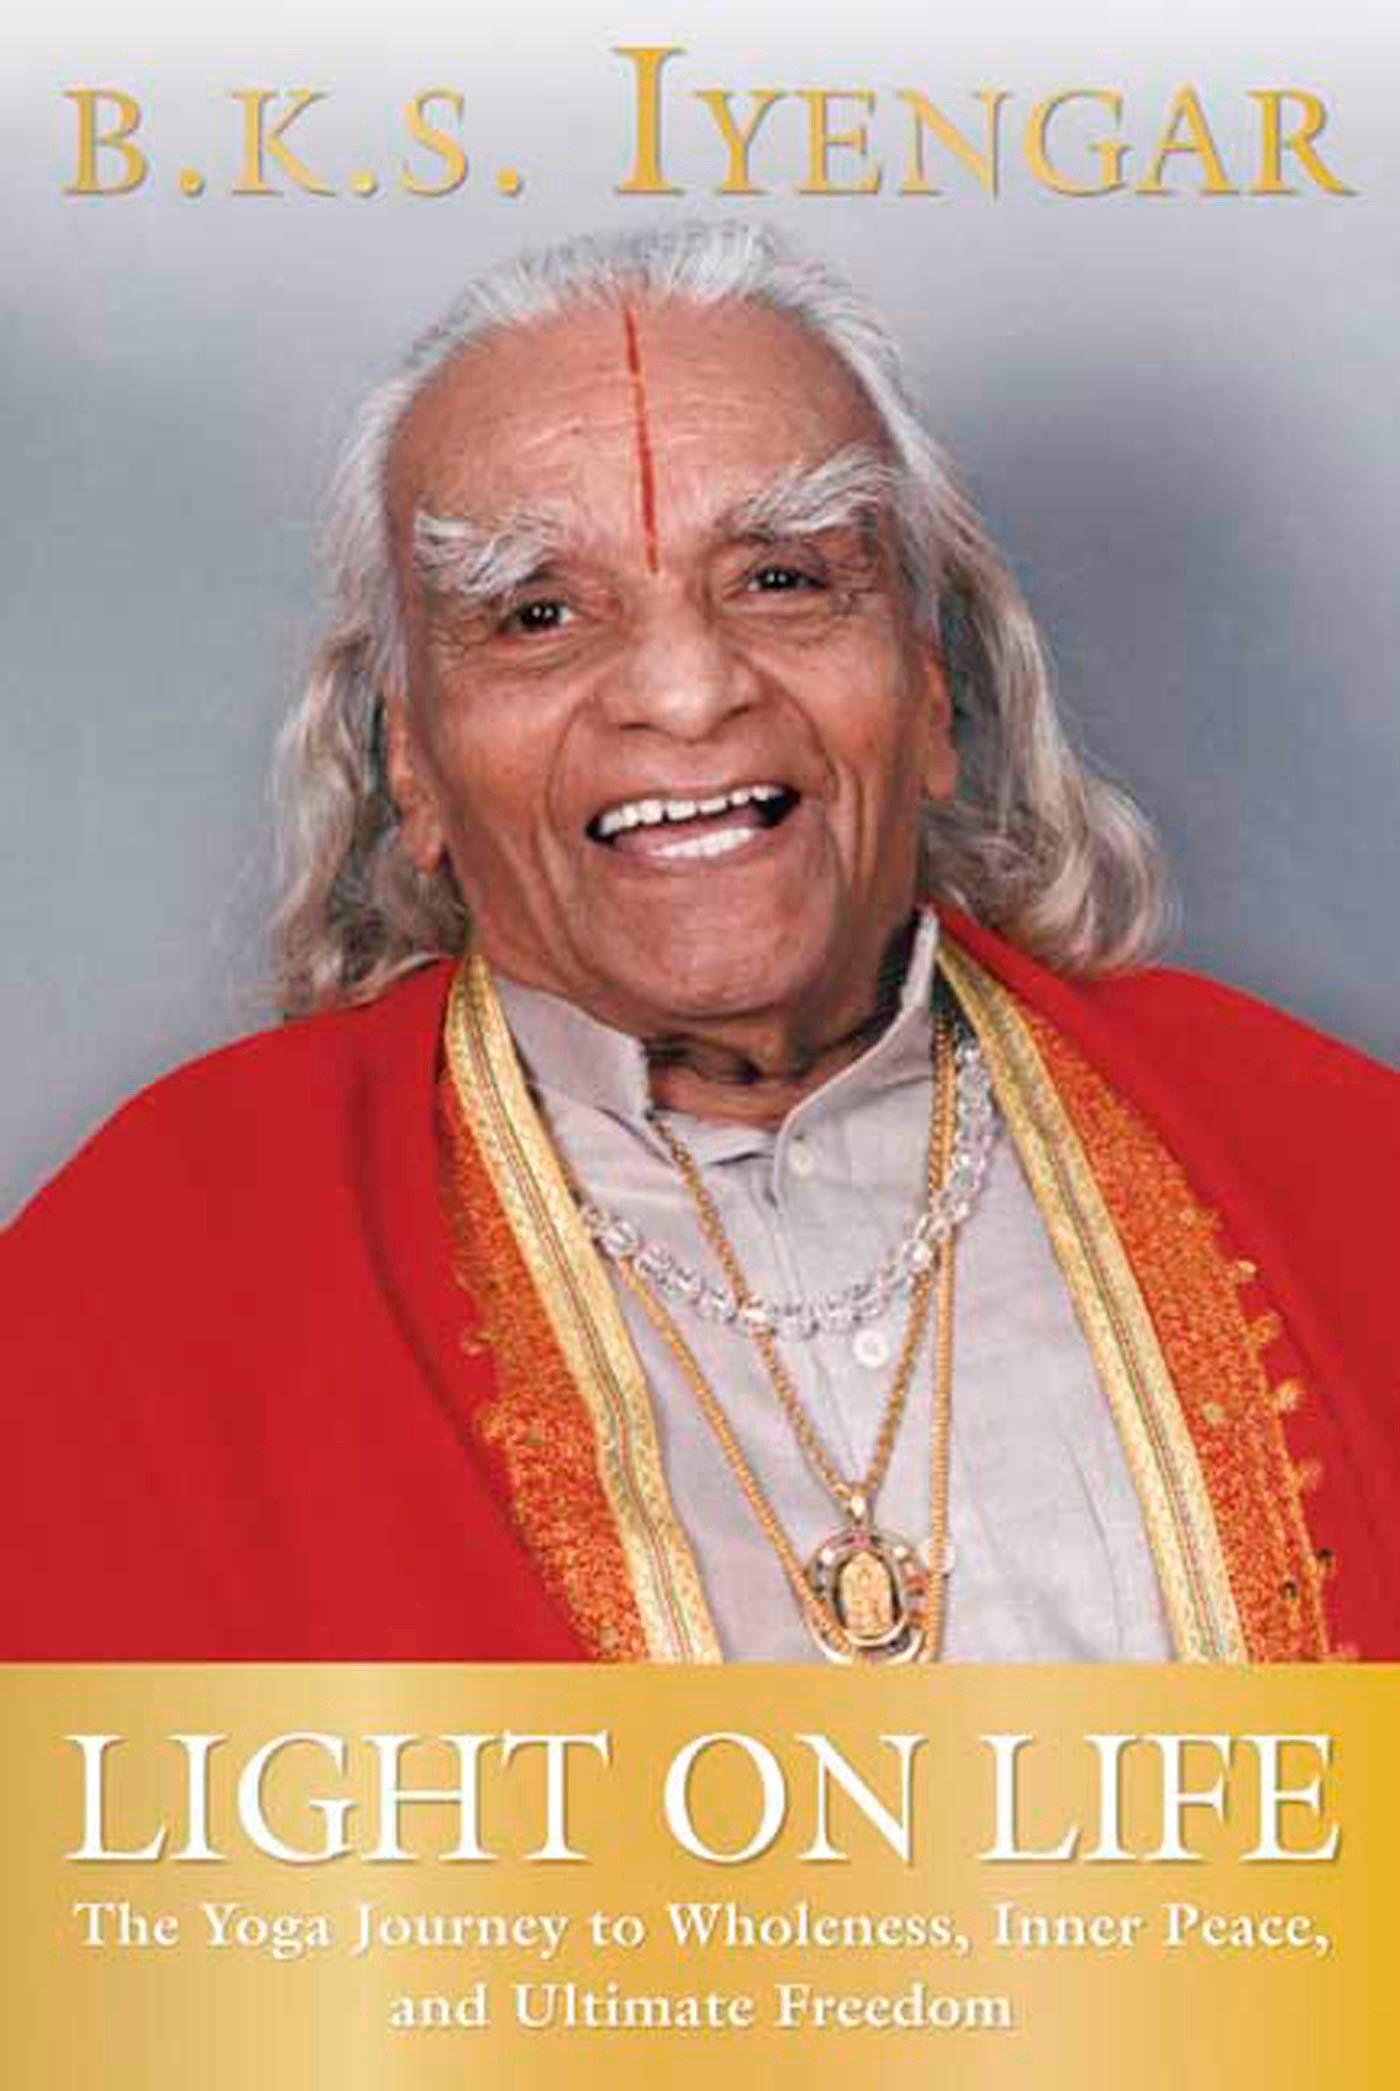 Photo of Iyengar